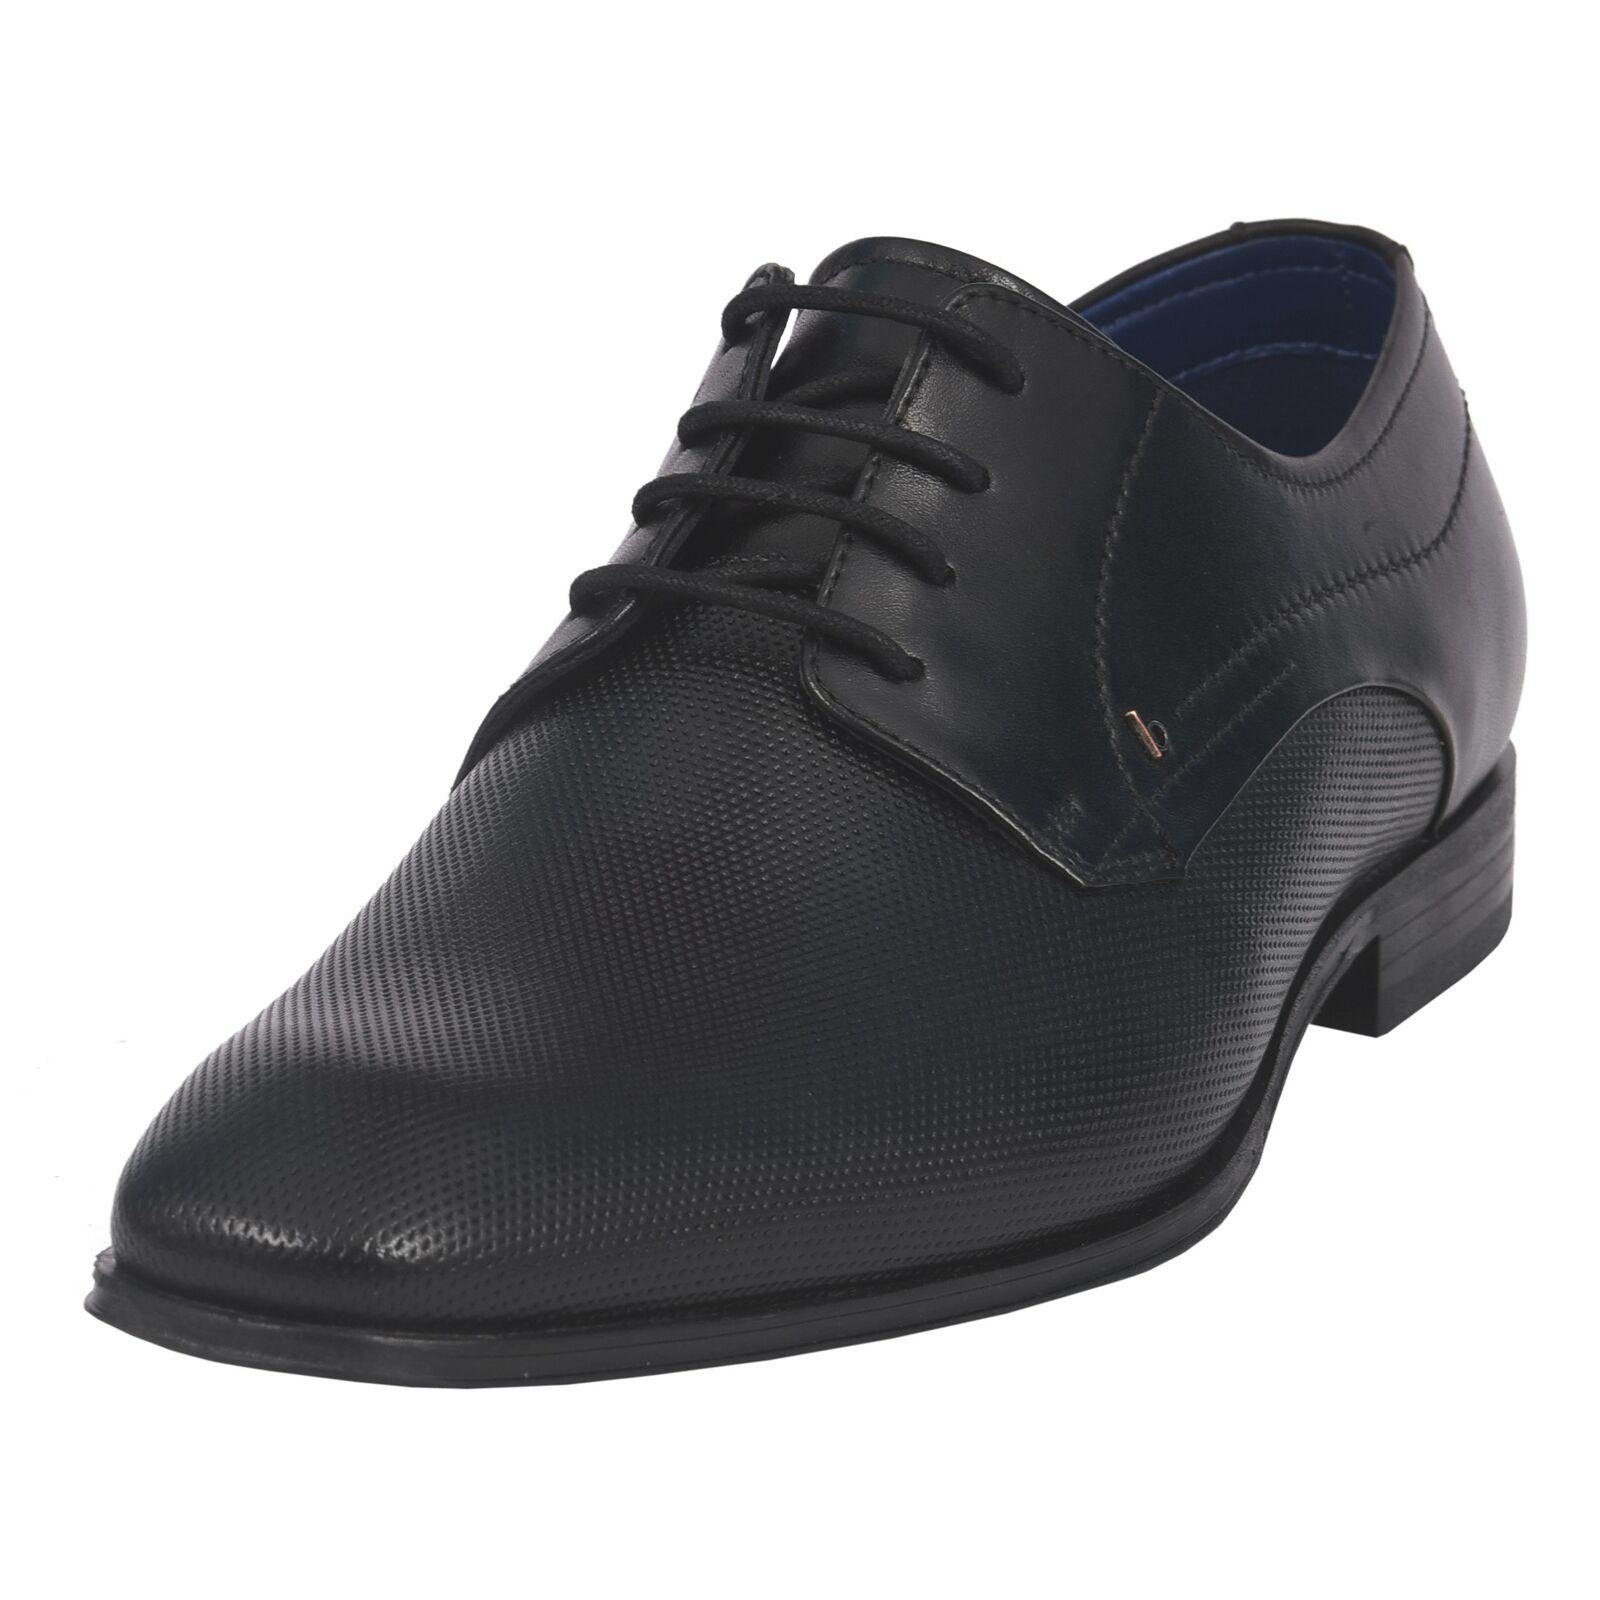 Bugatti Men 311-66606-1000 schwarzer Schnürer Business Hochzeit Schuhe Leder